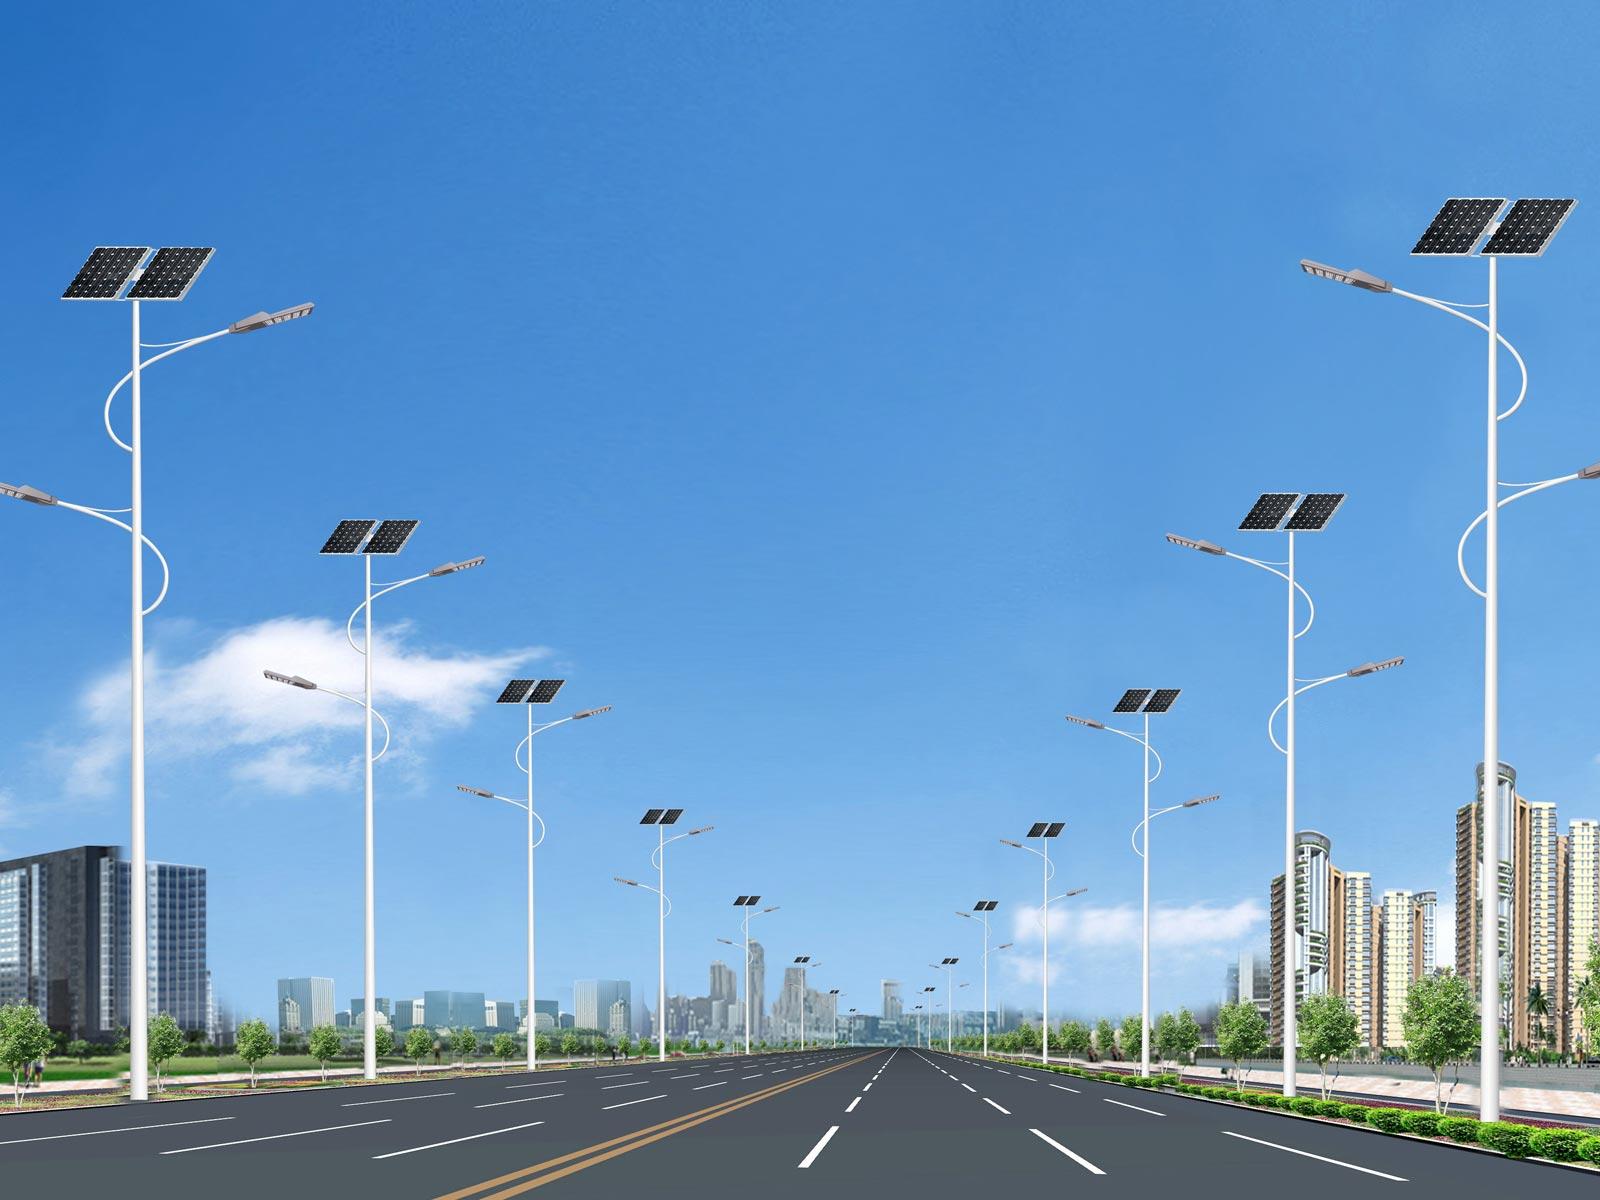 太阳能路灯蓄电池容易被偷吗